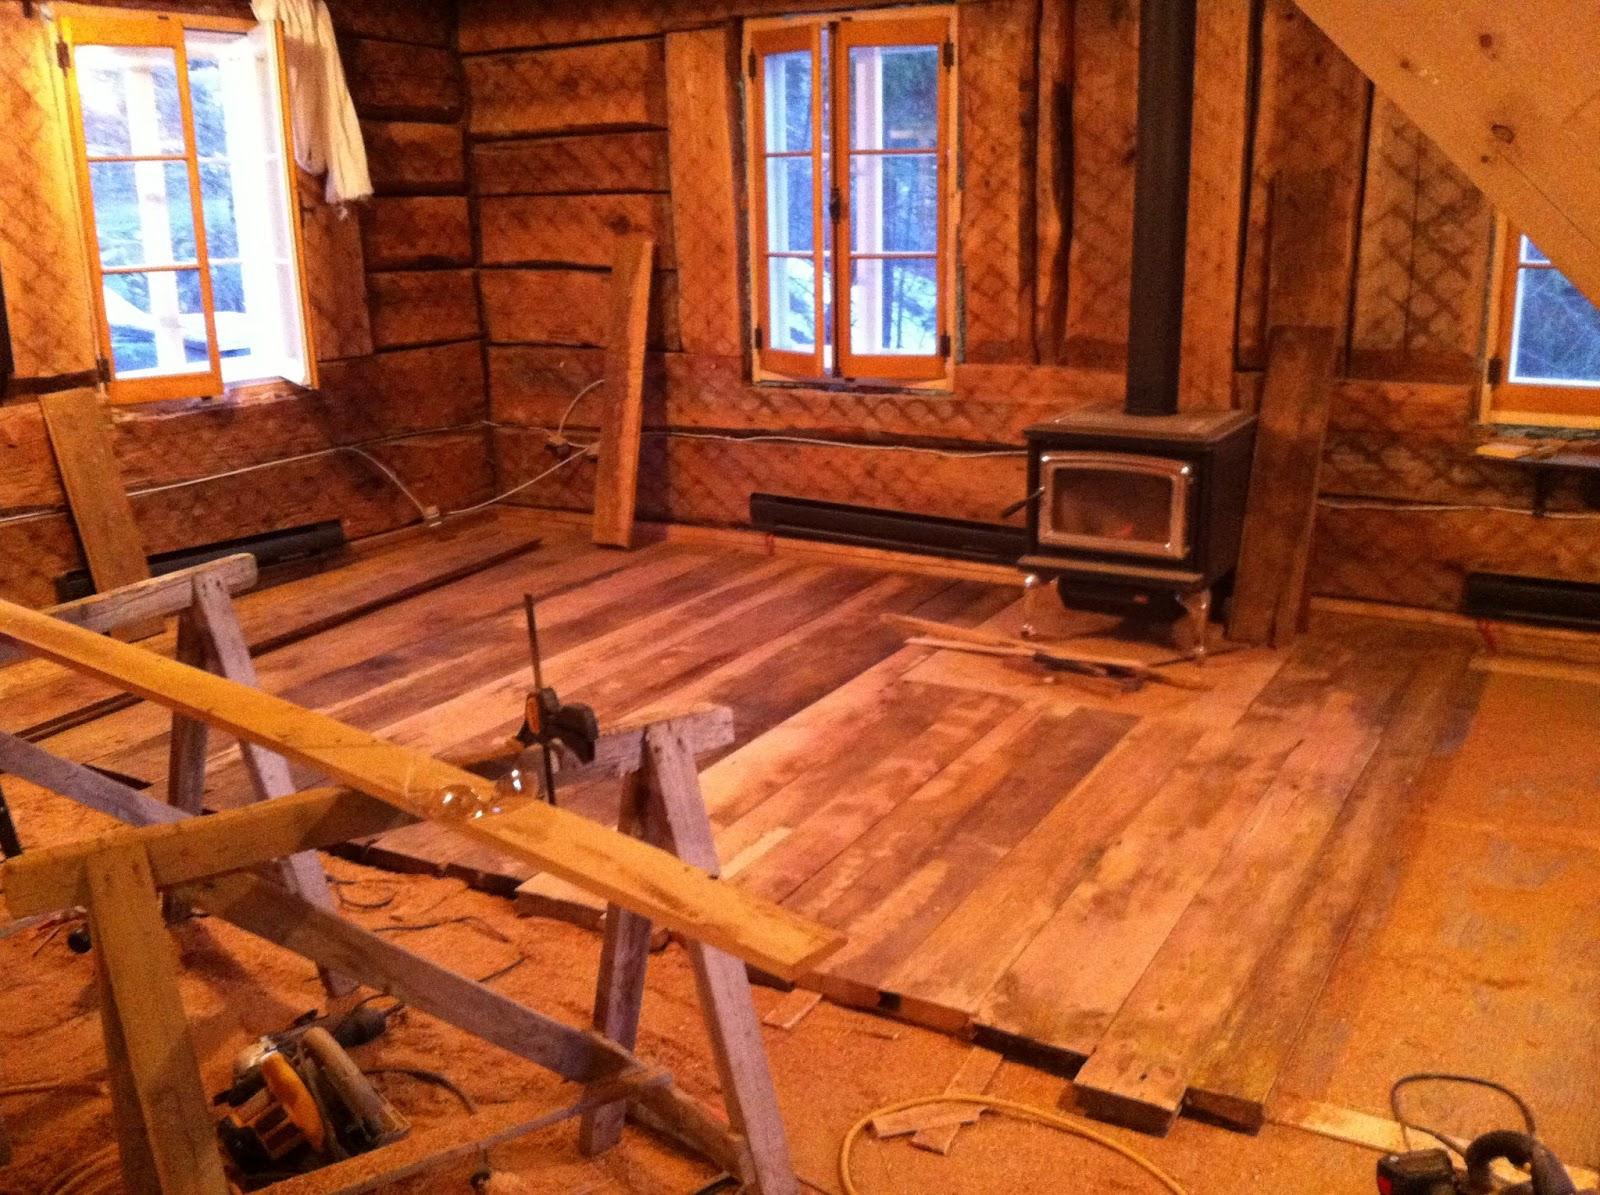 La qu b coise en montagne for Peinture plancher bois